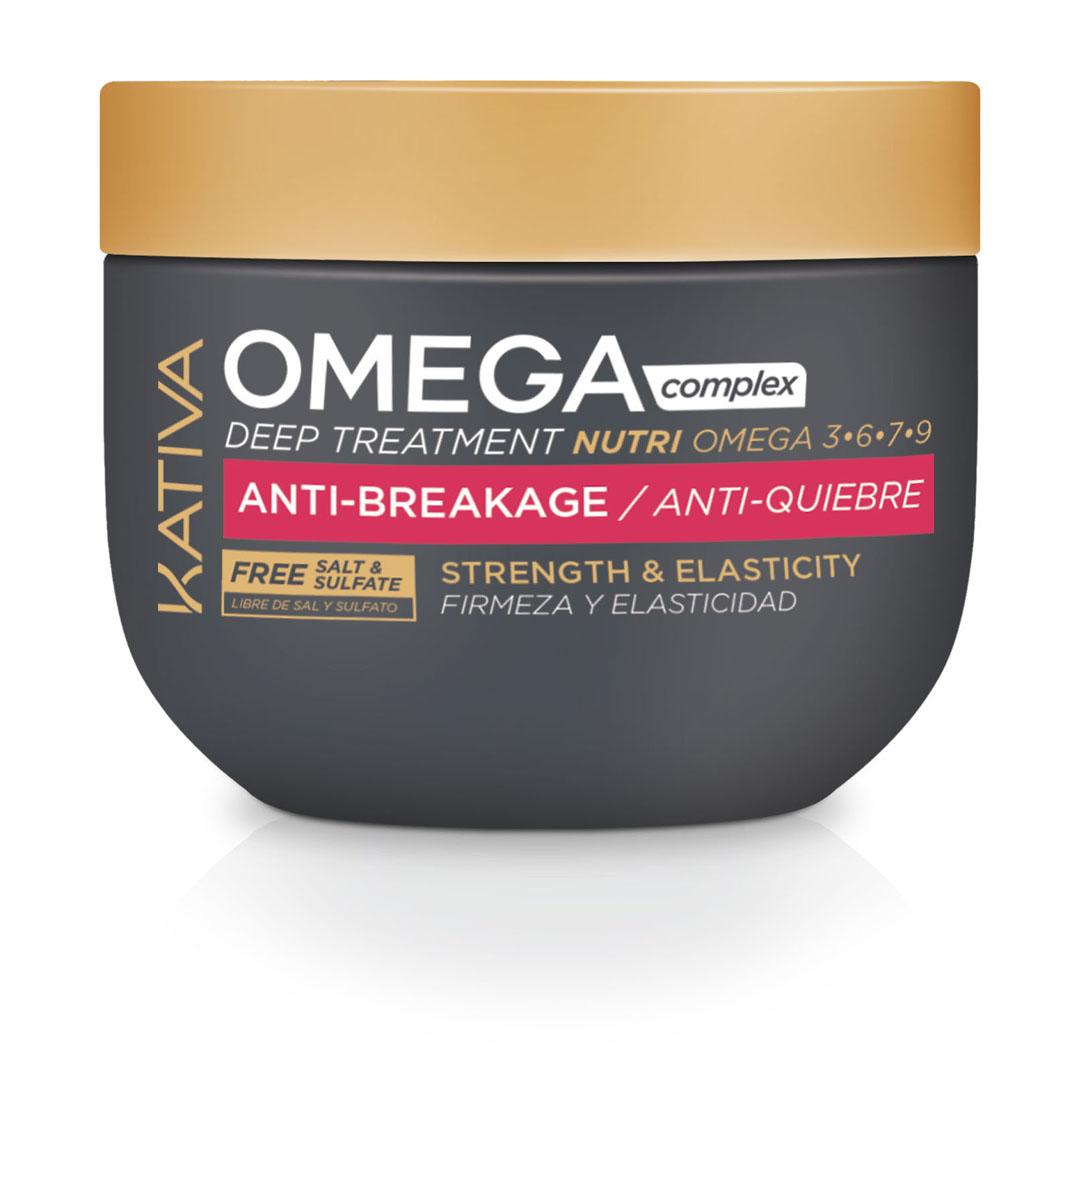 Kativa Маска для поврежденных волос OMEGA COMPLEX65503296Питательная маскаKativa для восстановления поврежденных волос содержит комплекс омега-кислот и аминокислоты. Особая формула маски помогает вернуть волосаместественную красоту, блеск и шелковистость.